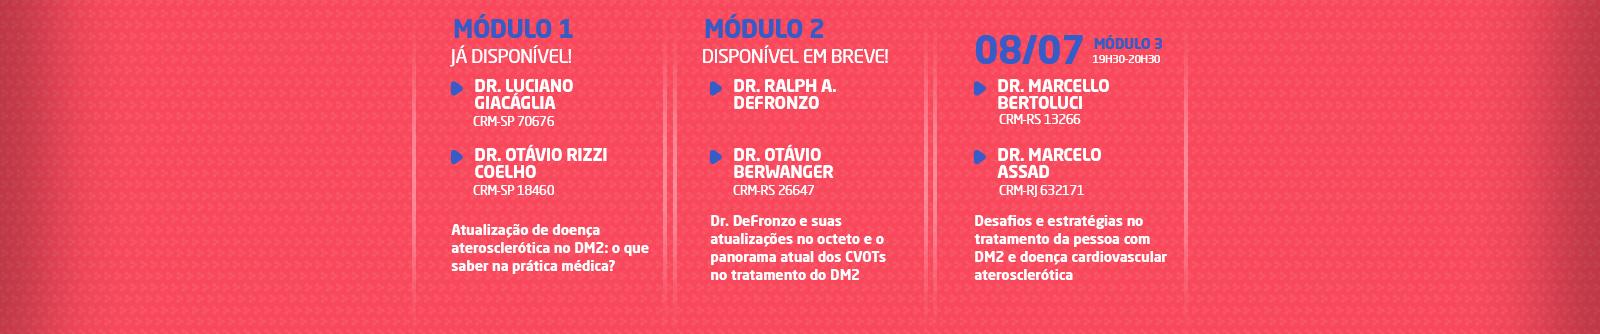 prox-eventos-2021 mod2 disponivel EM BREVE